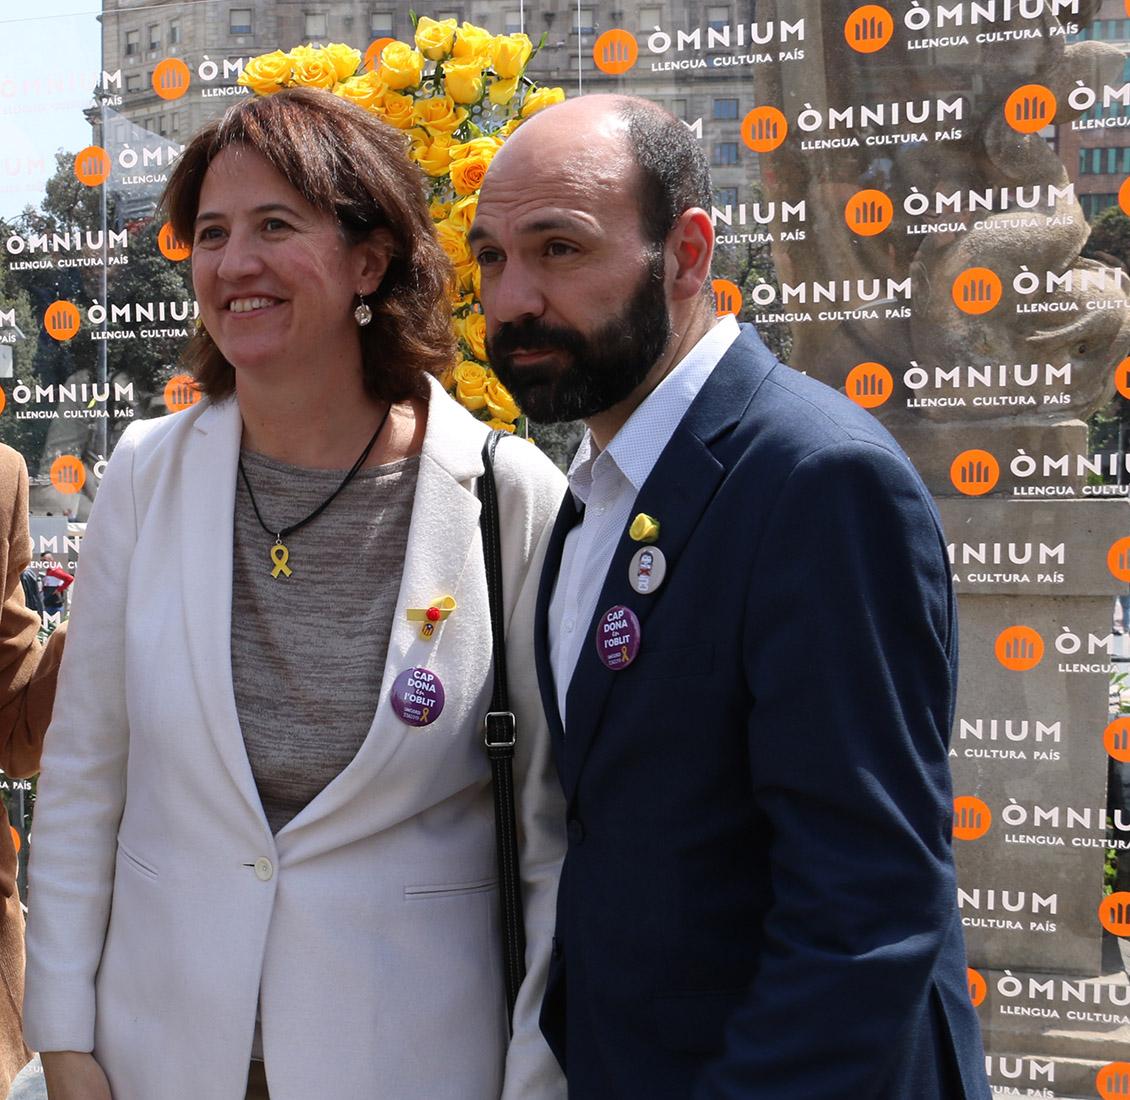 La presidenta de l'ANC, Elisenza Paluzie, amb el vicepresident d'Òmnium, Marcel Mauri, després de dipositar una rosa groga al mural de l'entitat